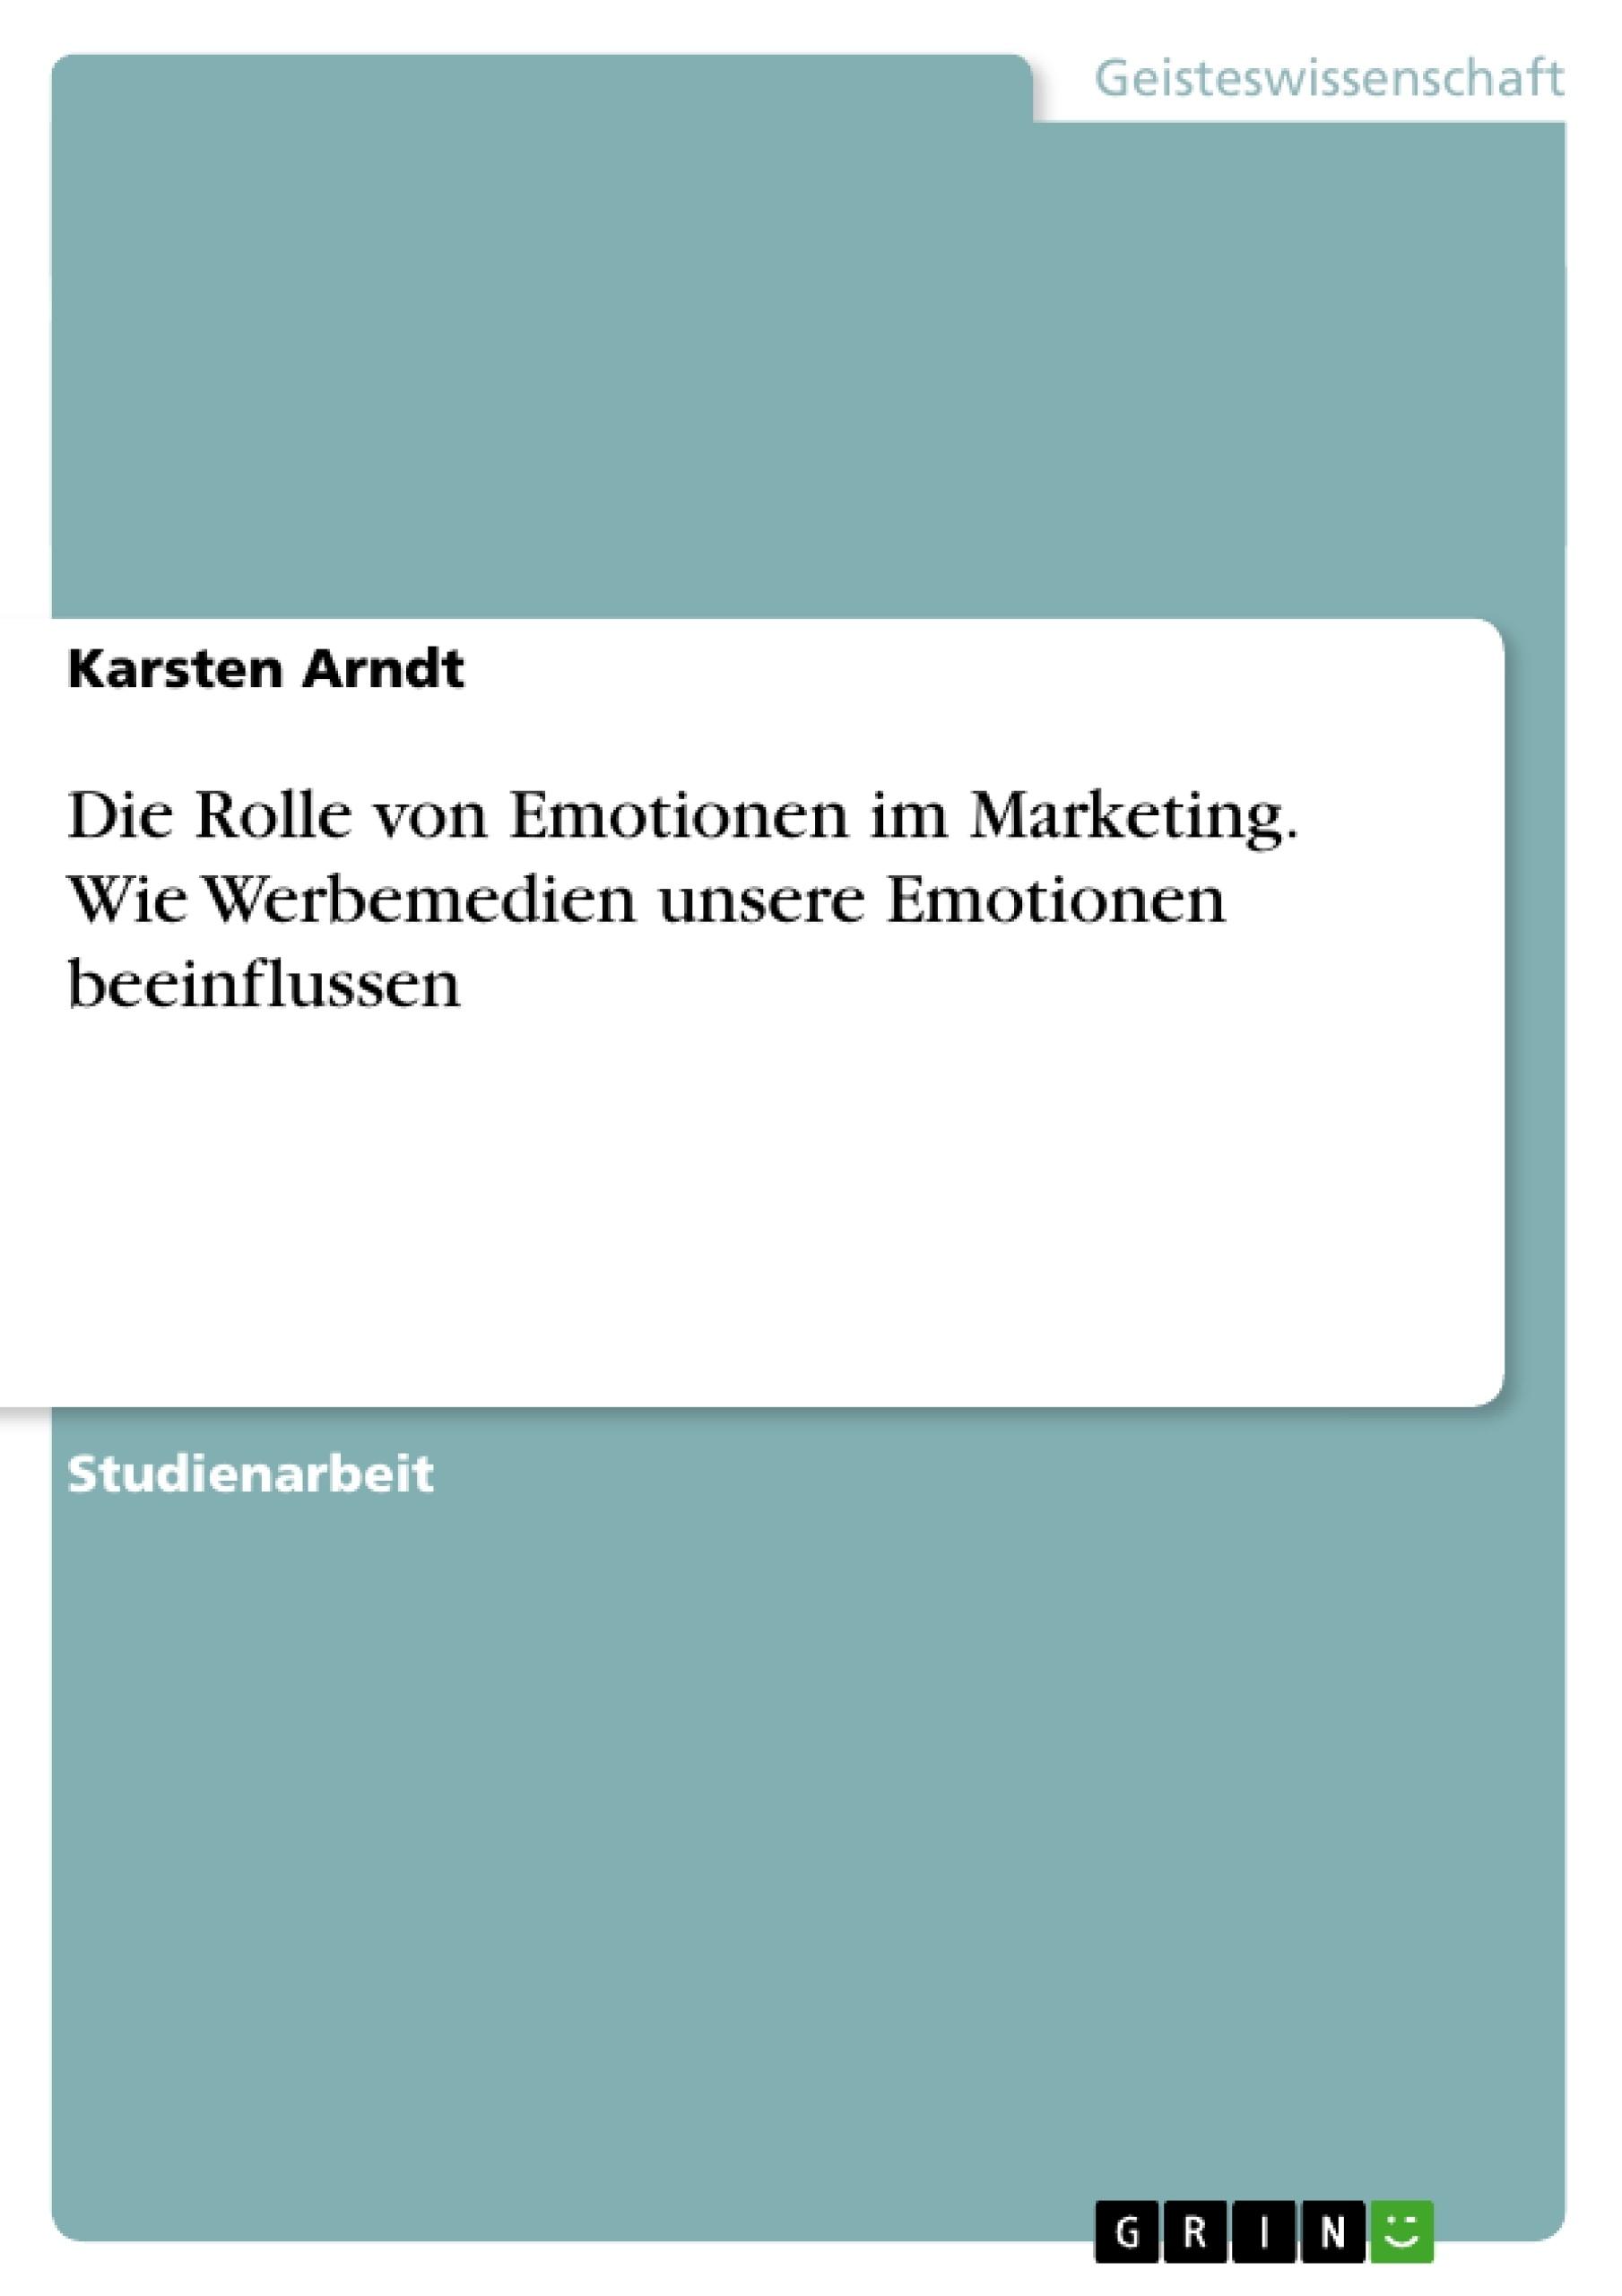 Titel: Die Rolle von Emotionen im Marketing. Wie Werbemedien unsere Emotionen beeinflussen